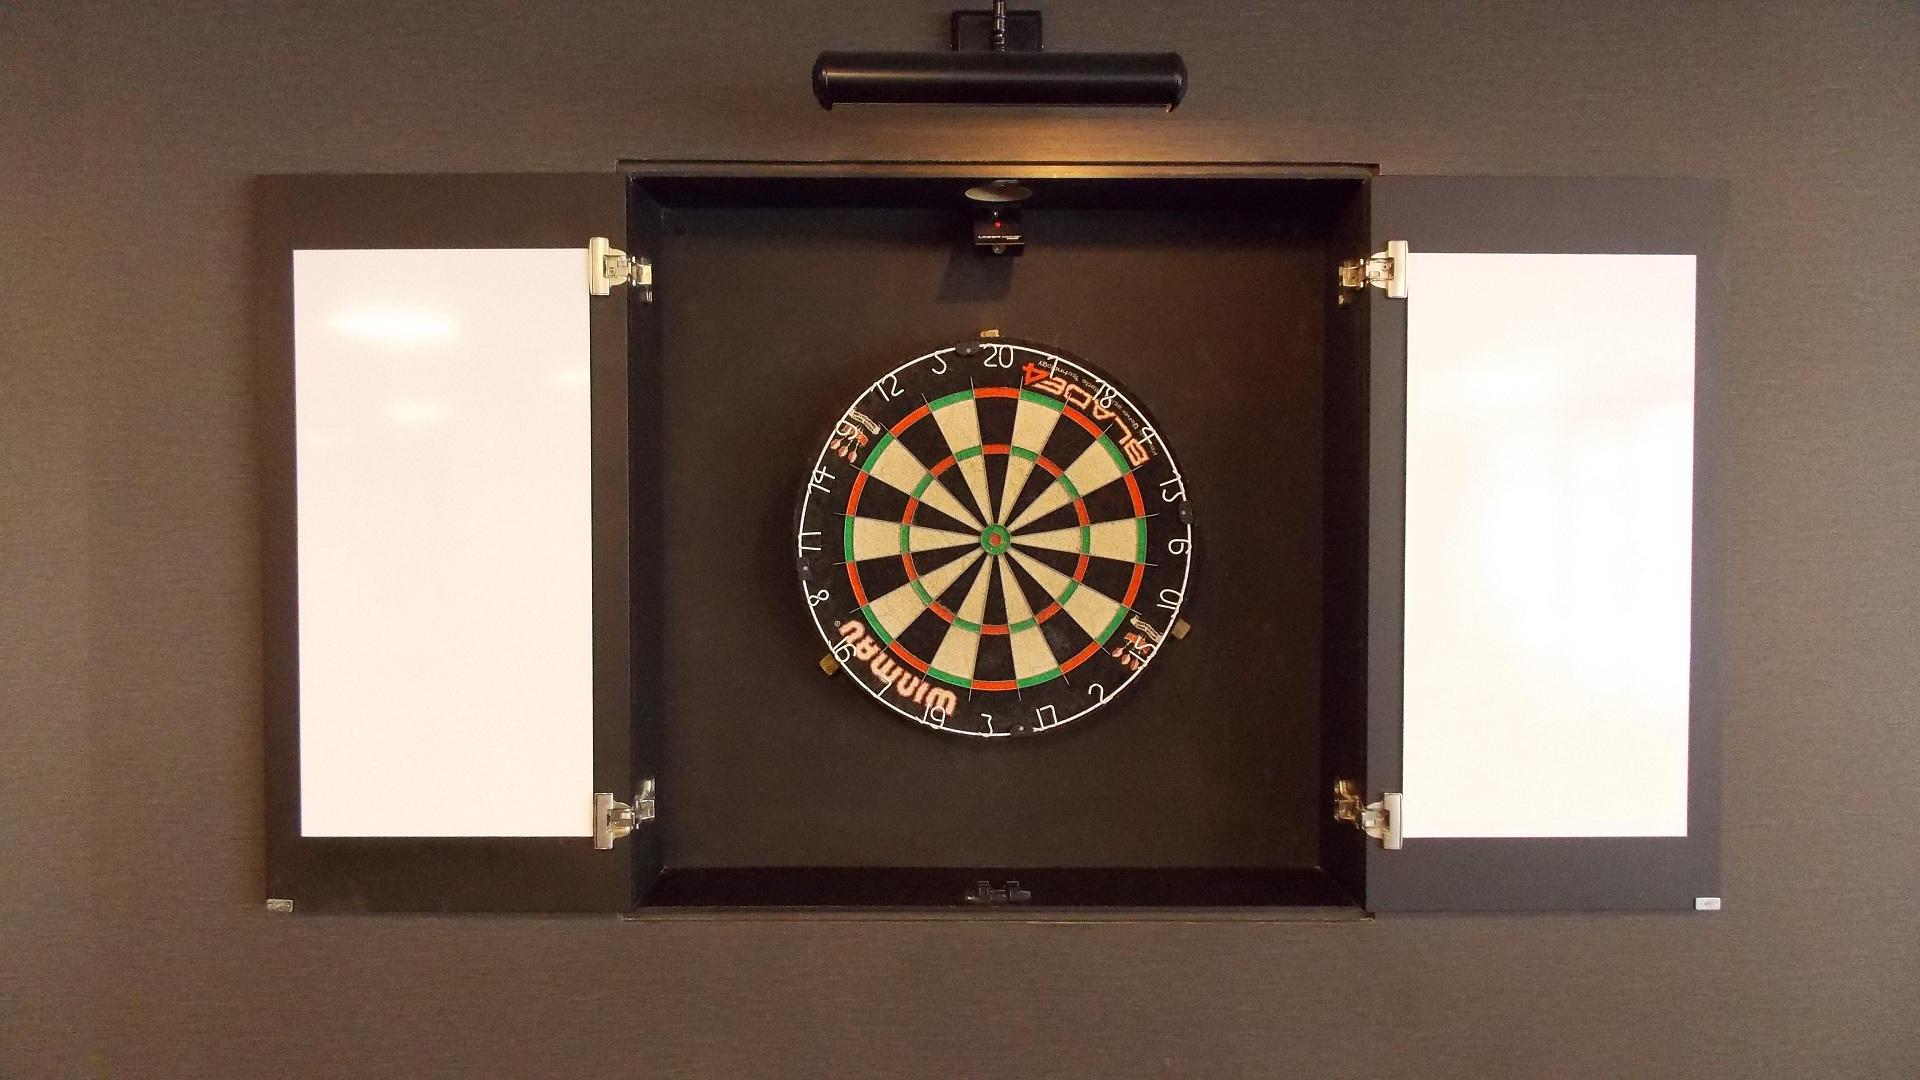 Dartboard In A Wooden Cabinet Hd Wallpaper Background